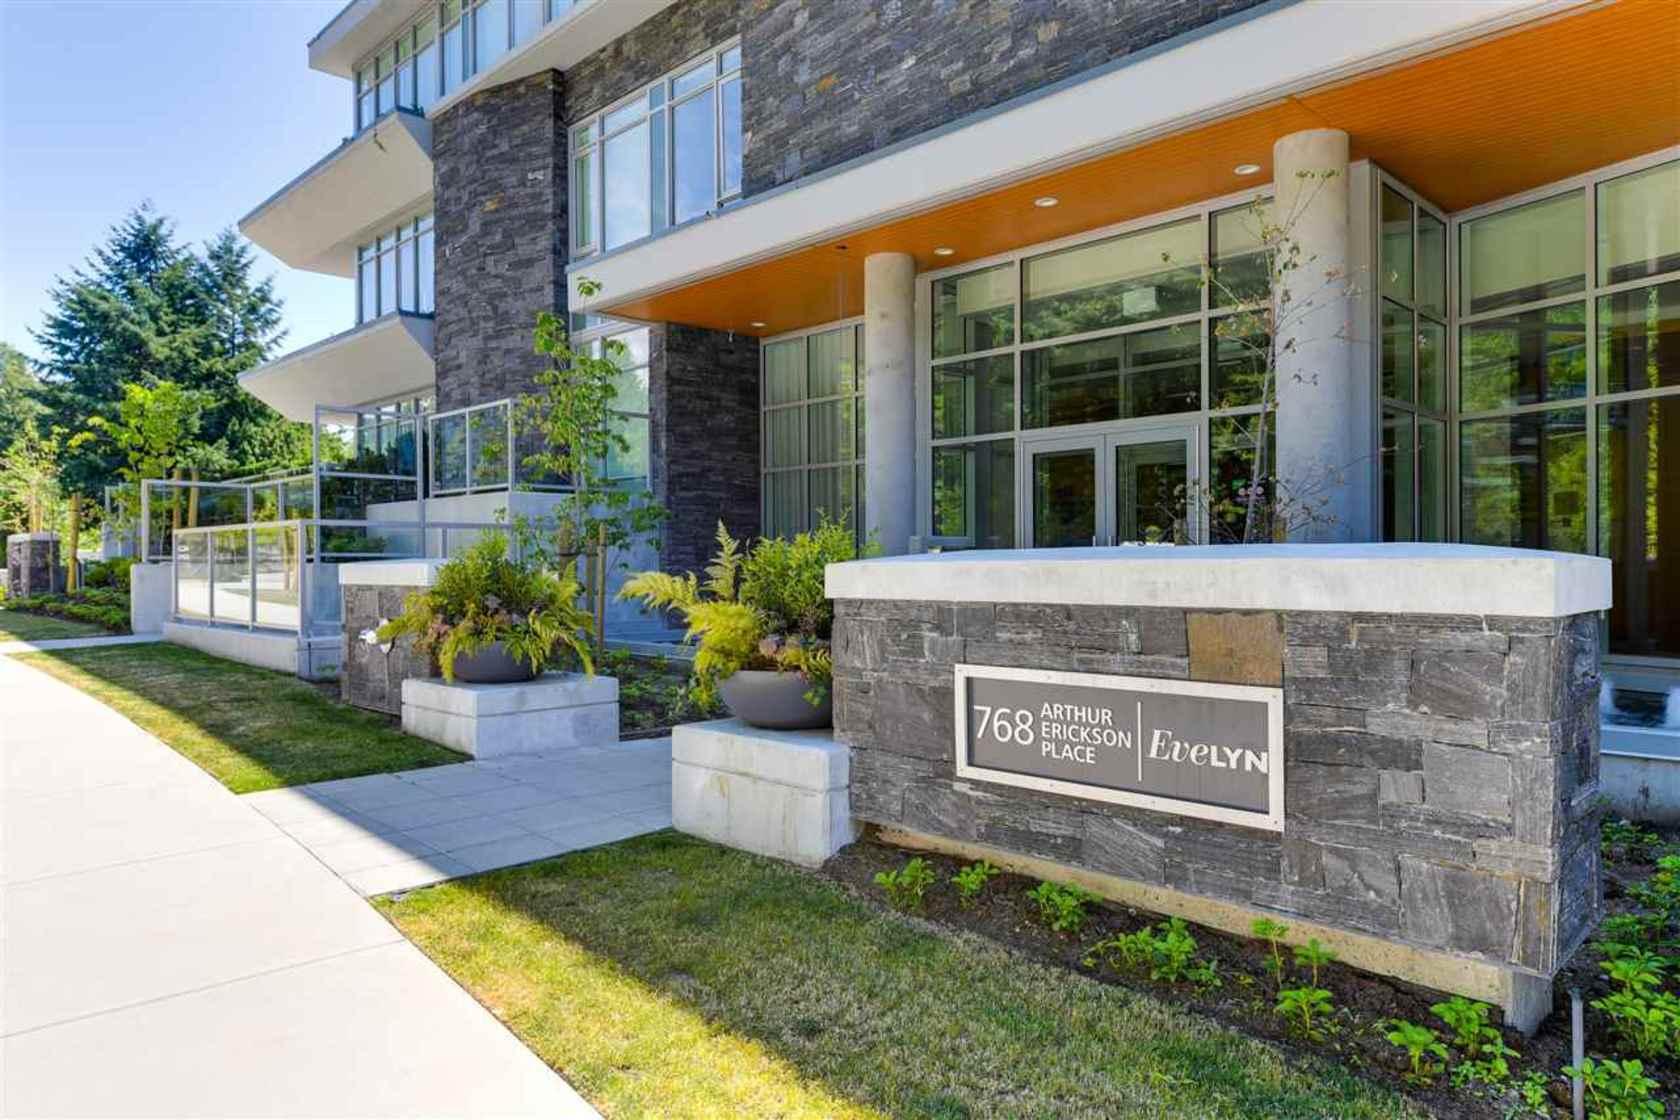 768-arthur-erickson-place-park-royal-west-vancouver-02 at 204 - 768 Arthur Erickson Place, Park Royal, West Vancouver